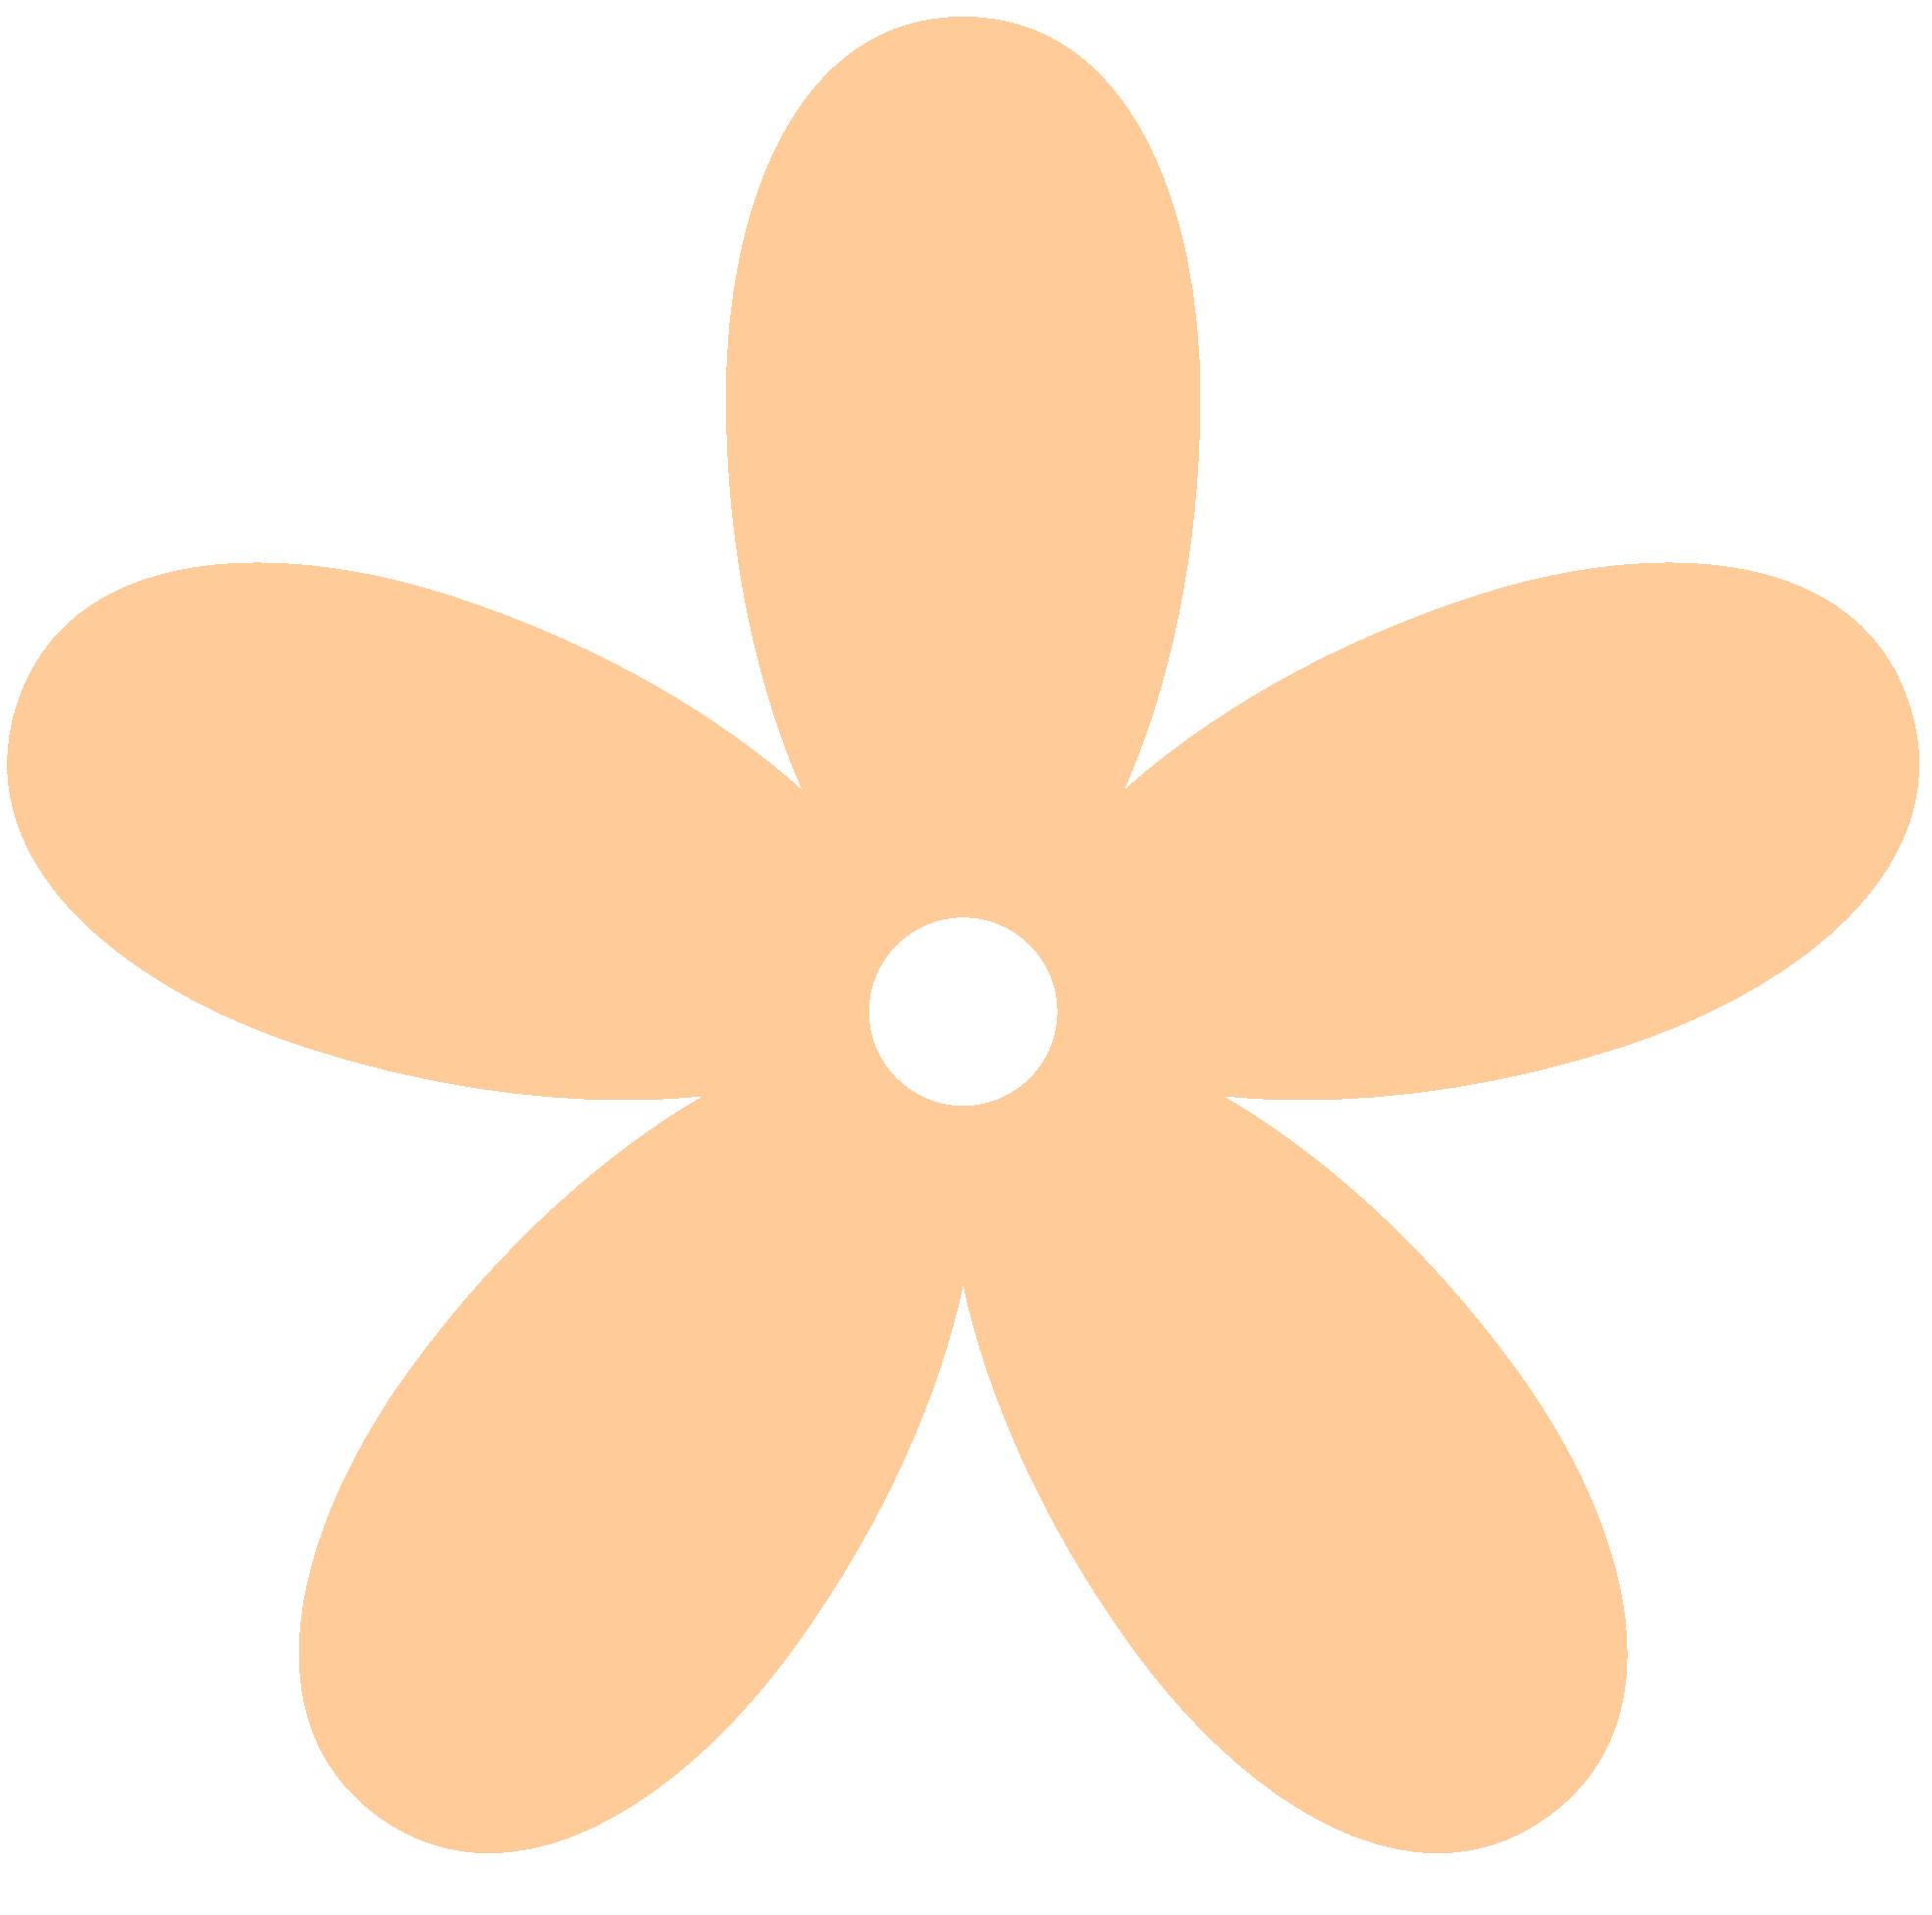 Peach Flower clipart peach color Black Images peach%20clipart%20black%20and%20white Clipart Panda